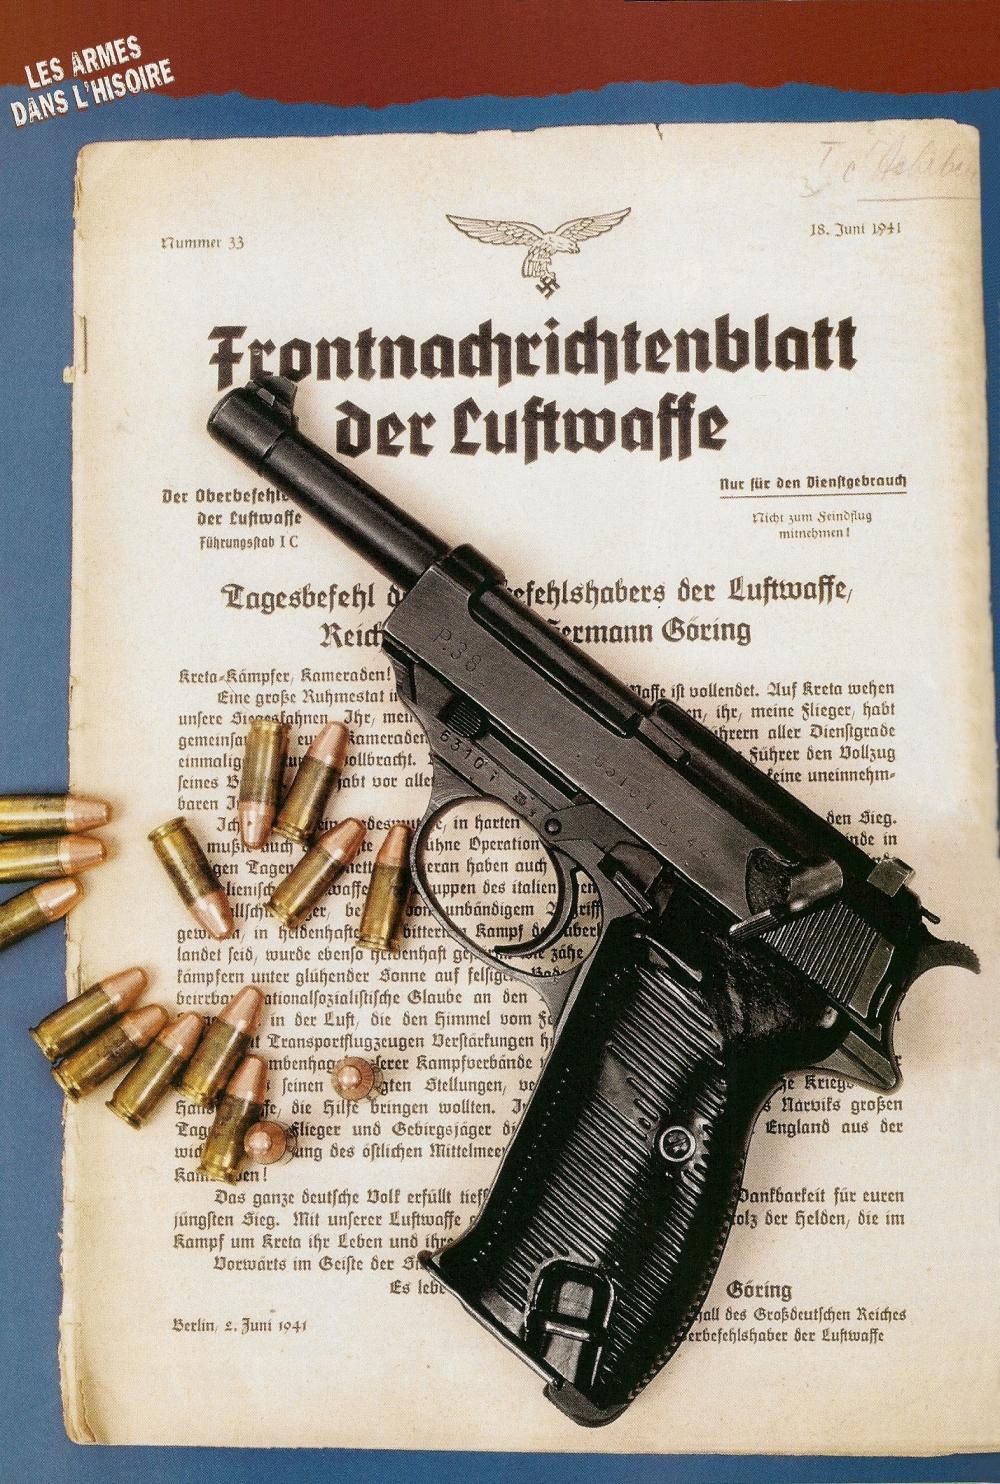 Proche, par son architecture, du Beretta 92, le P-38 apparaît comme un pistolet semi-automatique moderne dont le grand âge est uniquement trahi par la contenance et le mode de verrouillage de son chargeur de 8 coups.